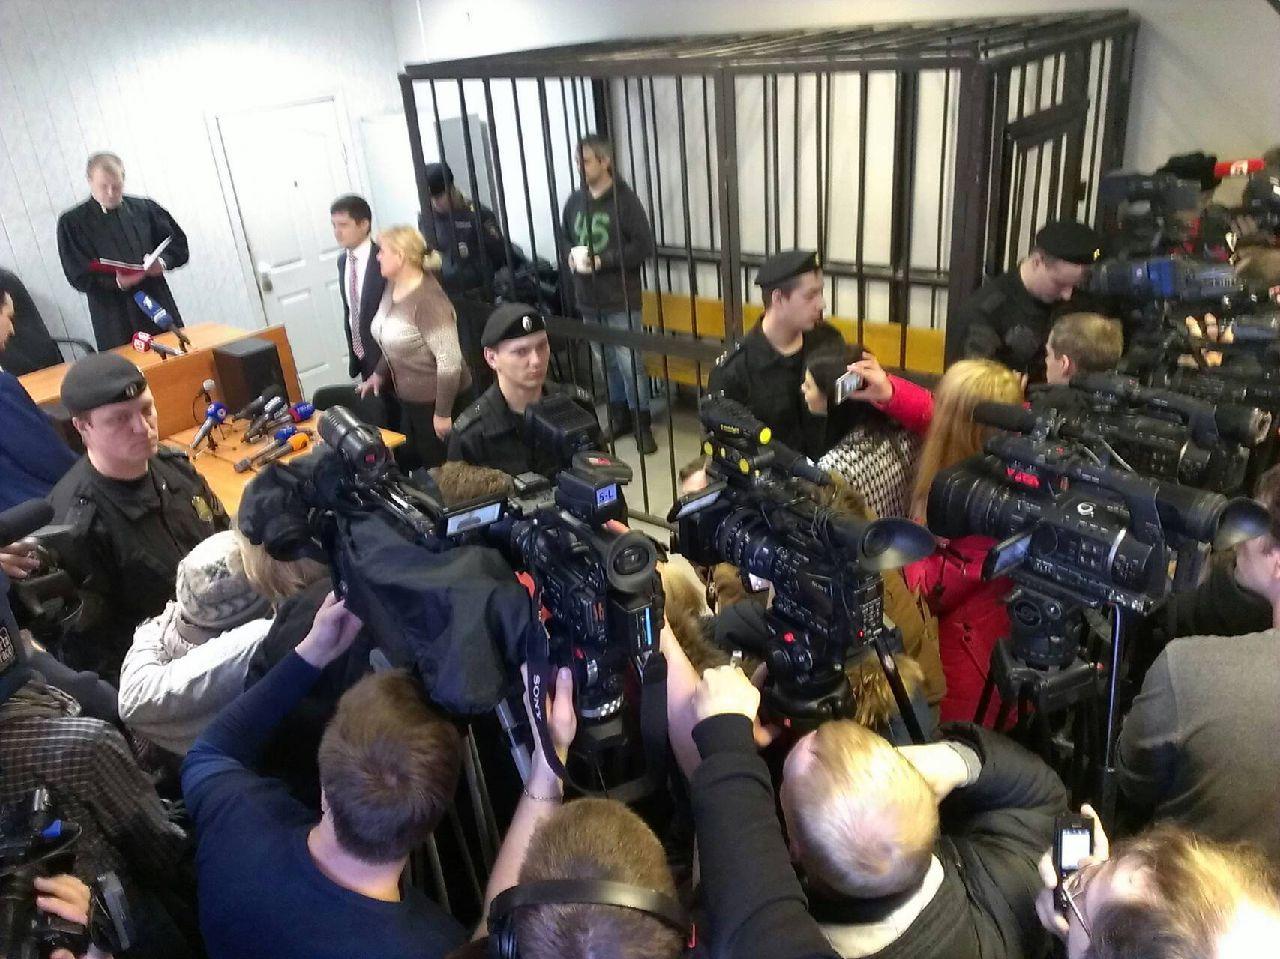 Прямая видеотрансляция из зала суда: Дмитрию Лошагину вынесли приговор